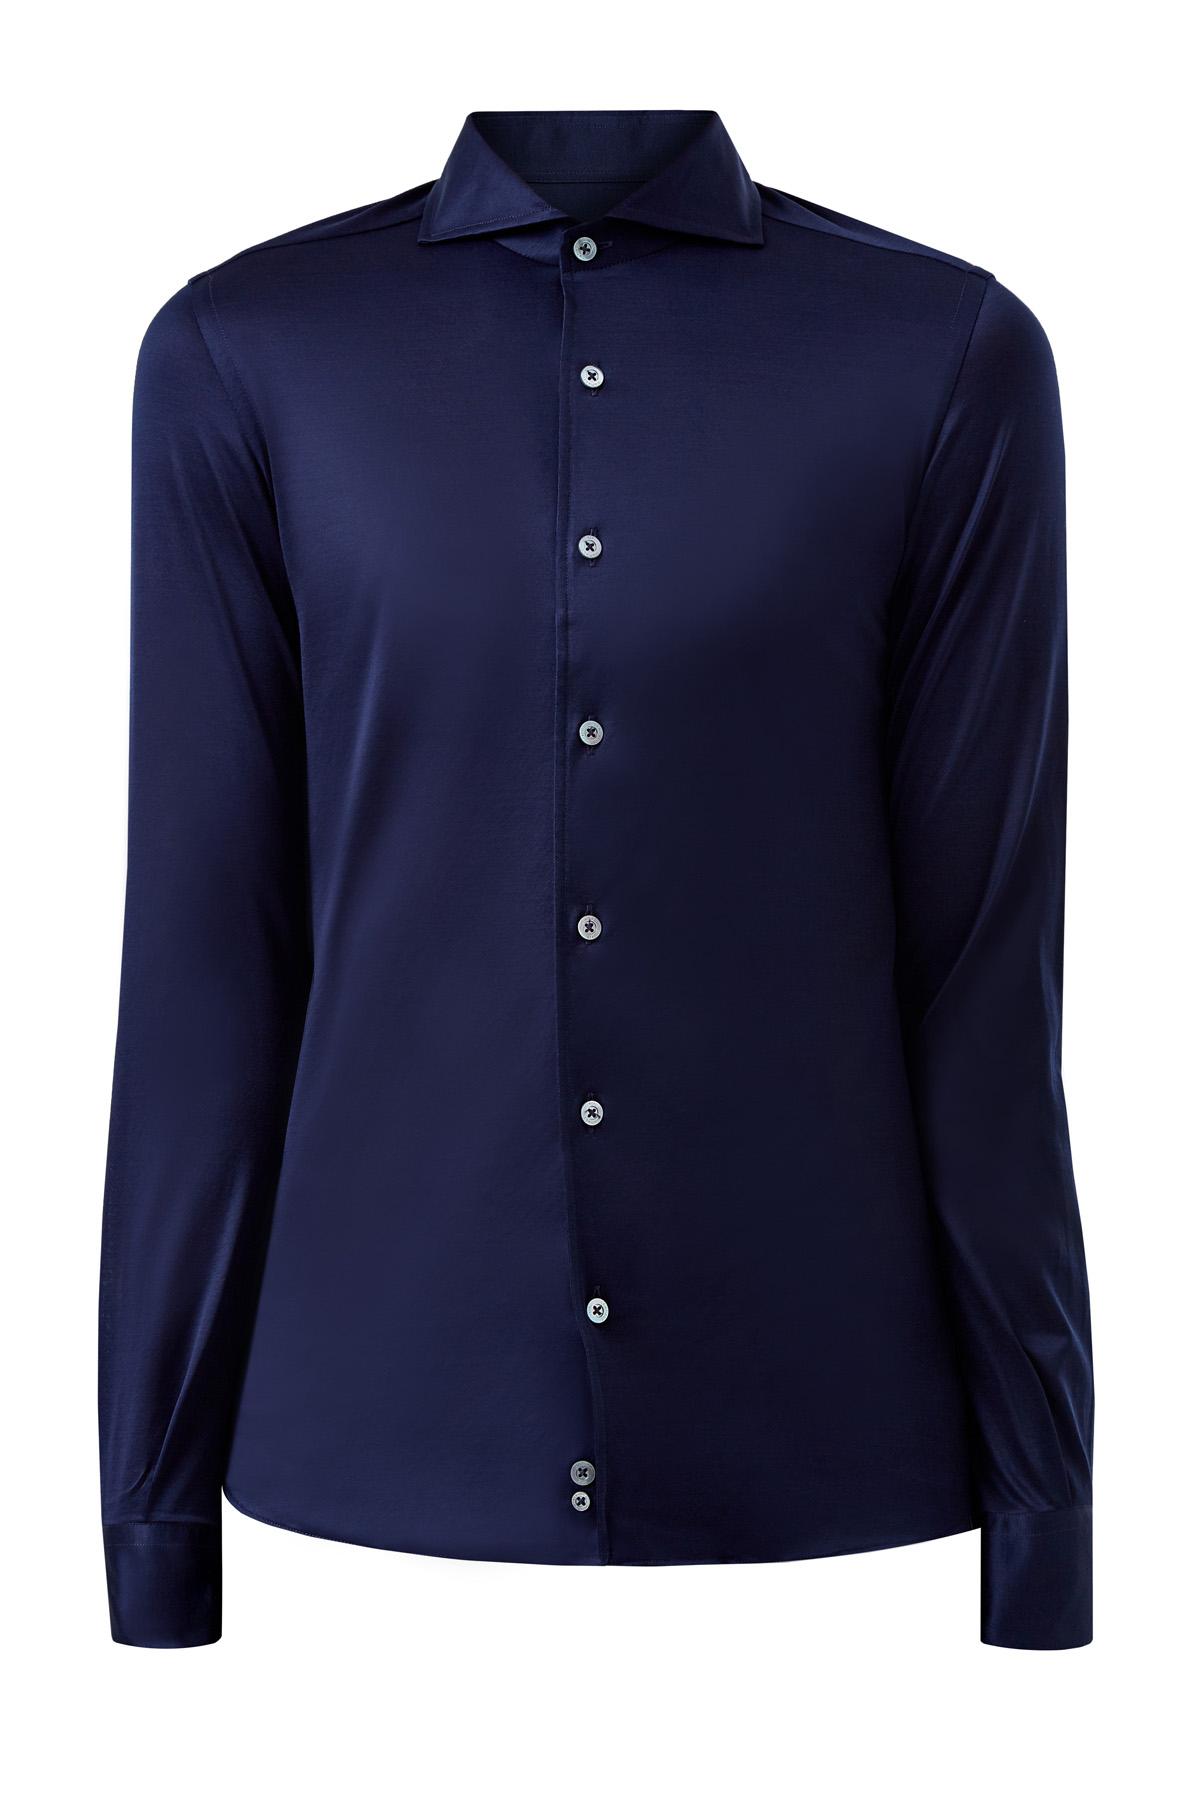 Приталенная рубашка из тонкого хлопка с сатиновым блеском фото